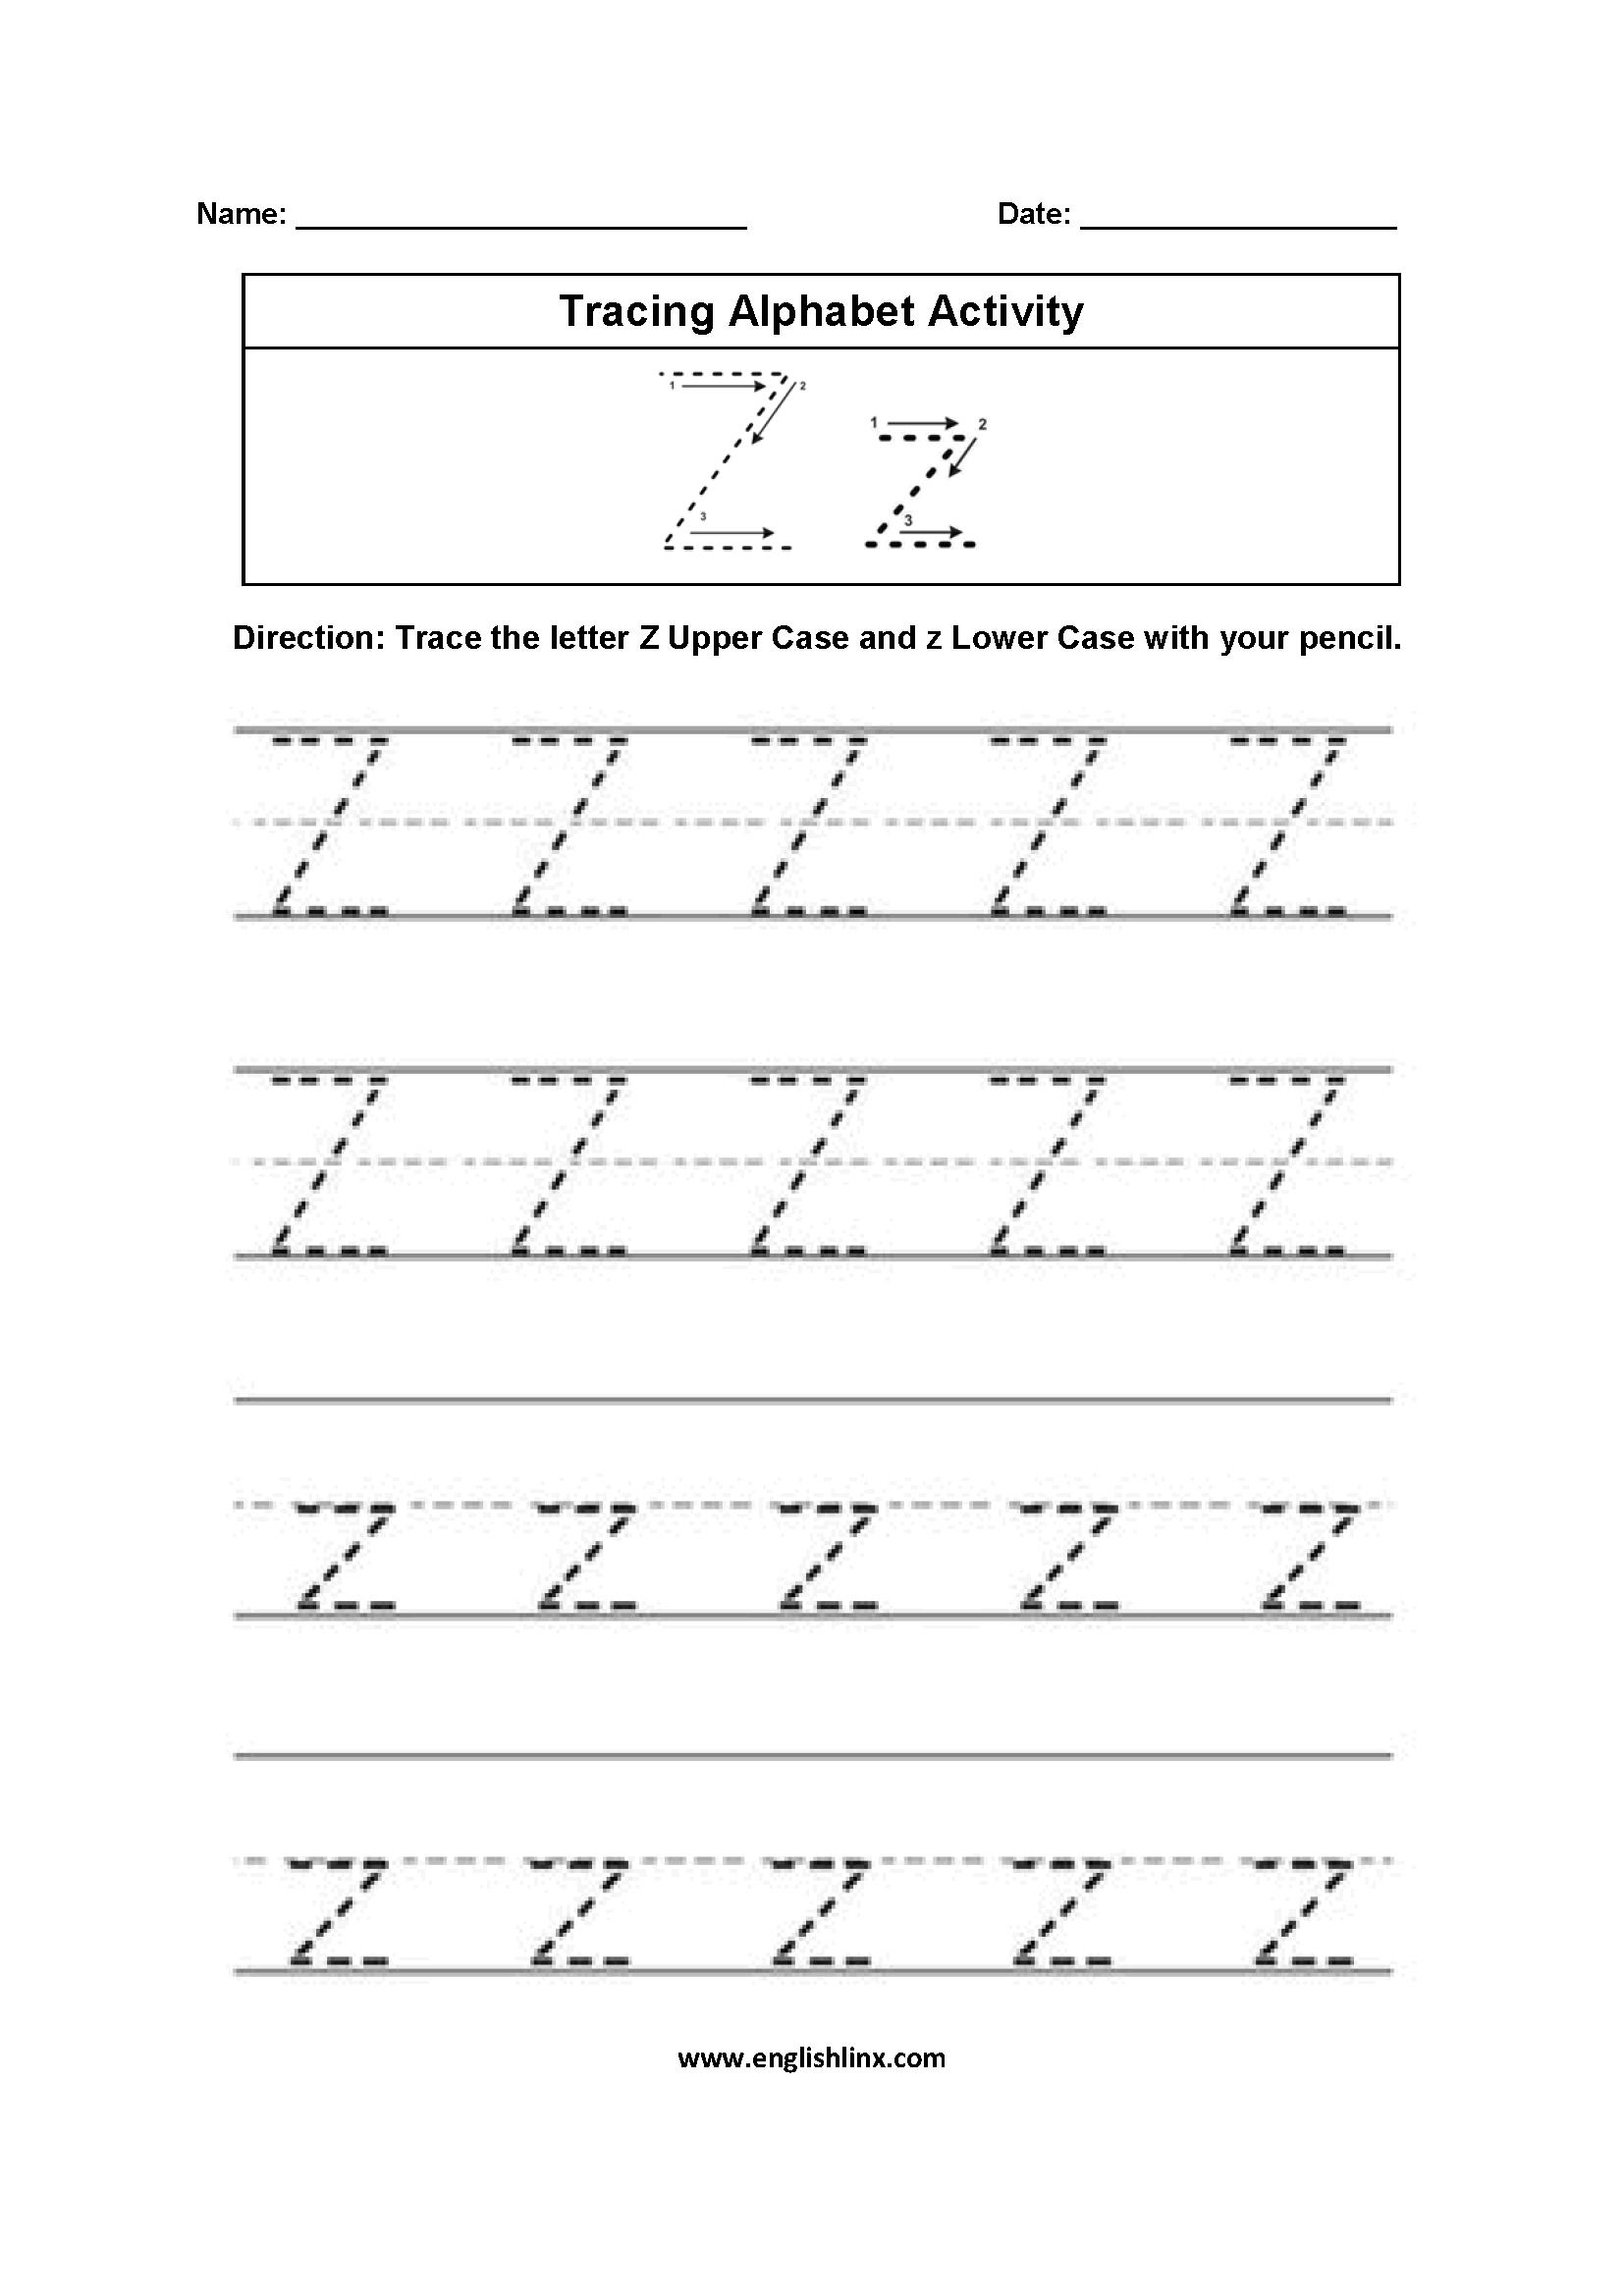 Letter Z Tracing Alphabet Worksheets | Alphabet Worksheets in Tracing Letters A To Z Worksheets